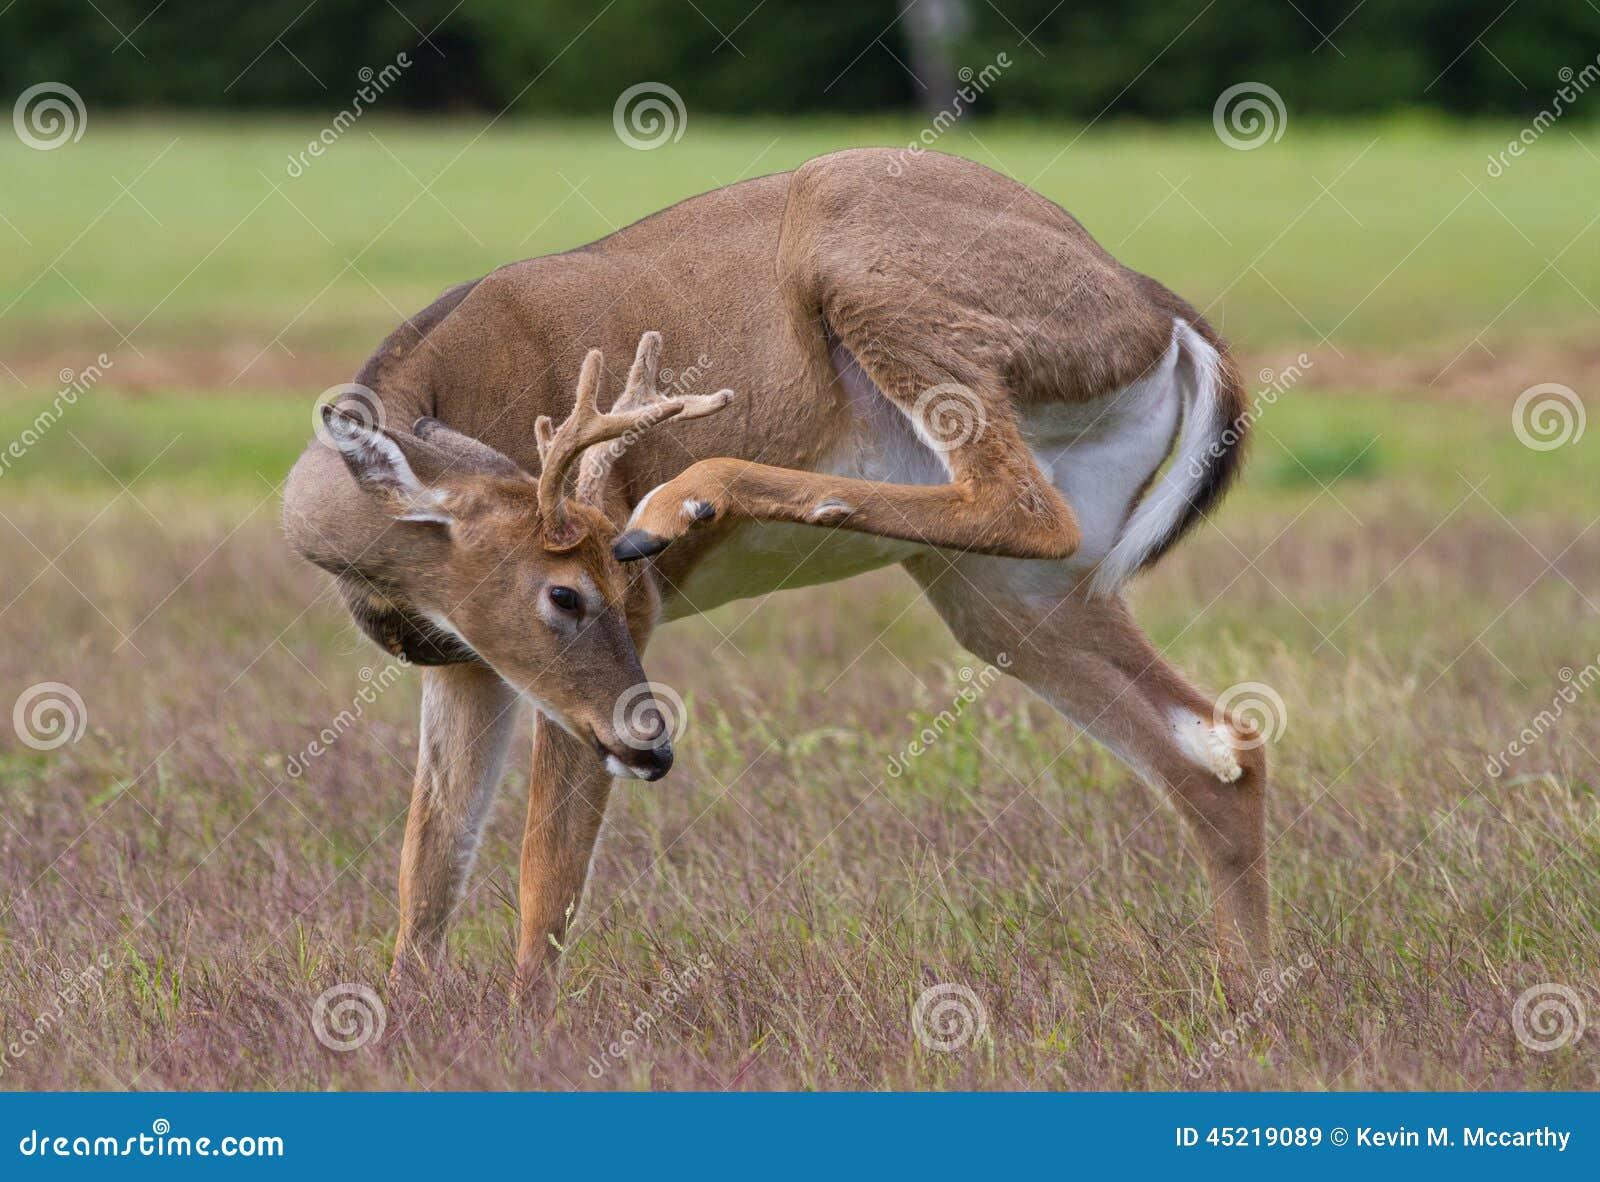 deer hooves - photo #39